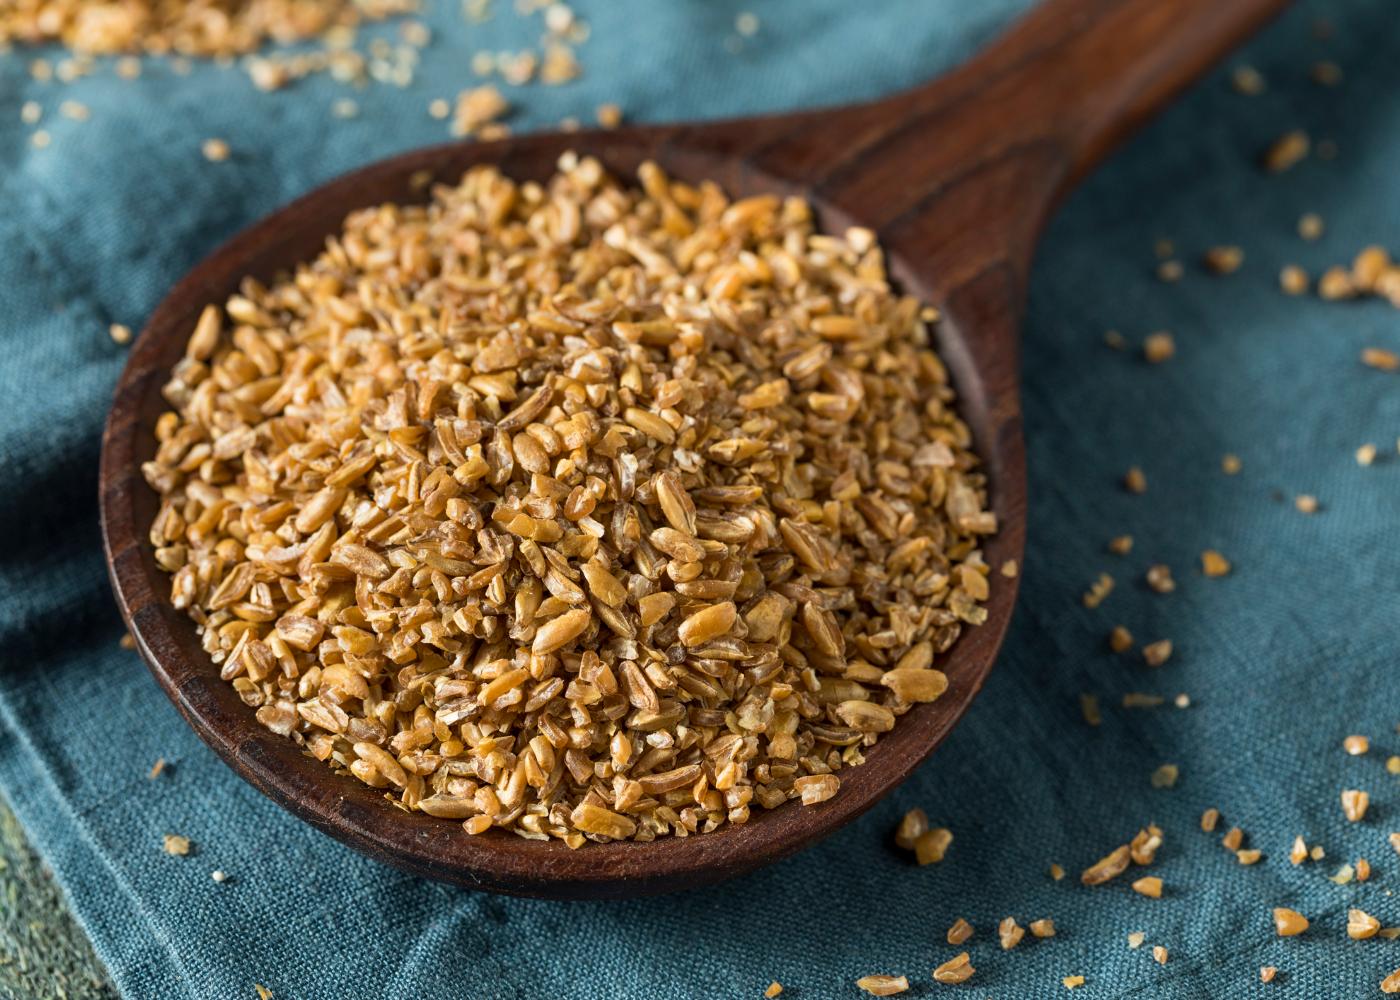 colher com trigo sarraceno